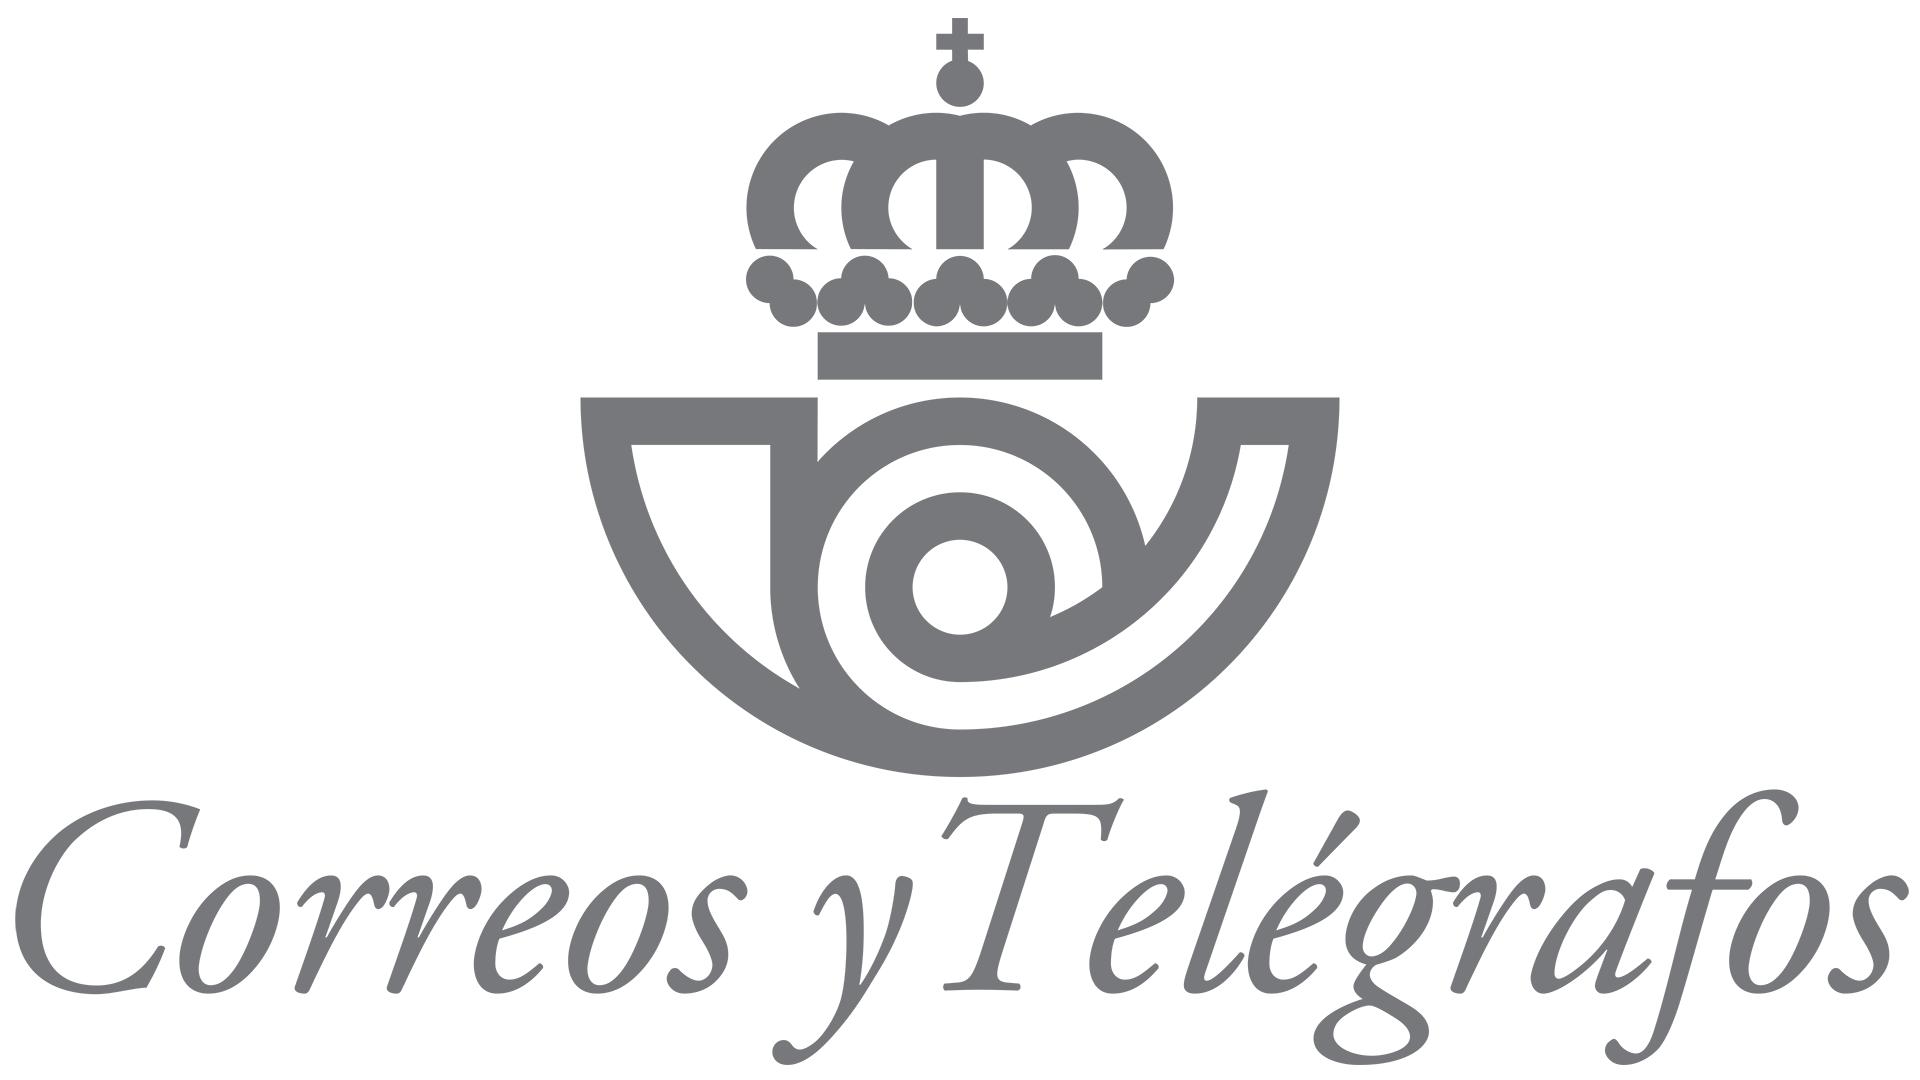 Correos Logo Histoire Signification De L Embleme